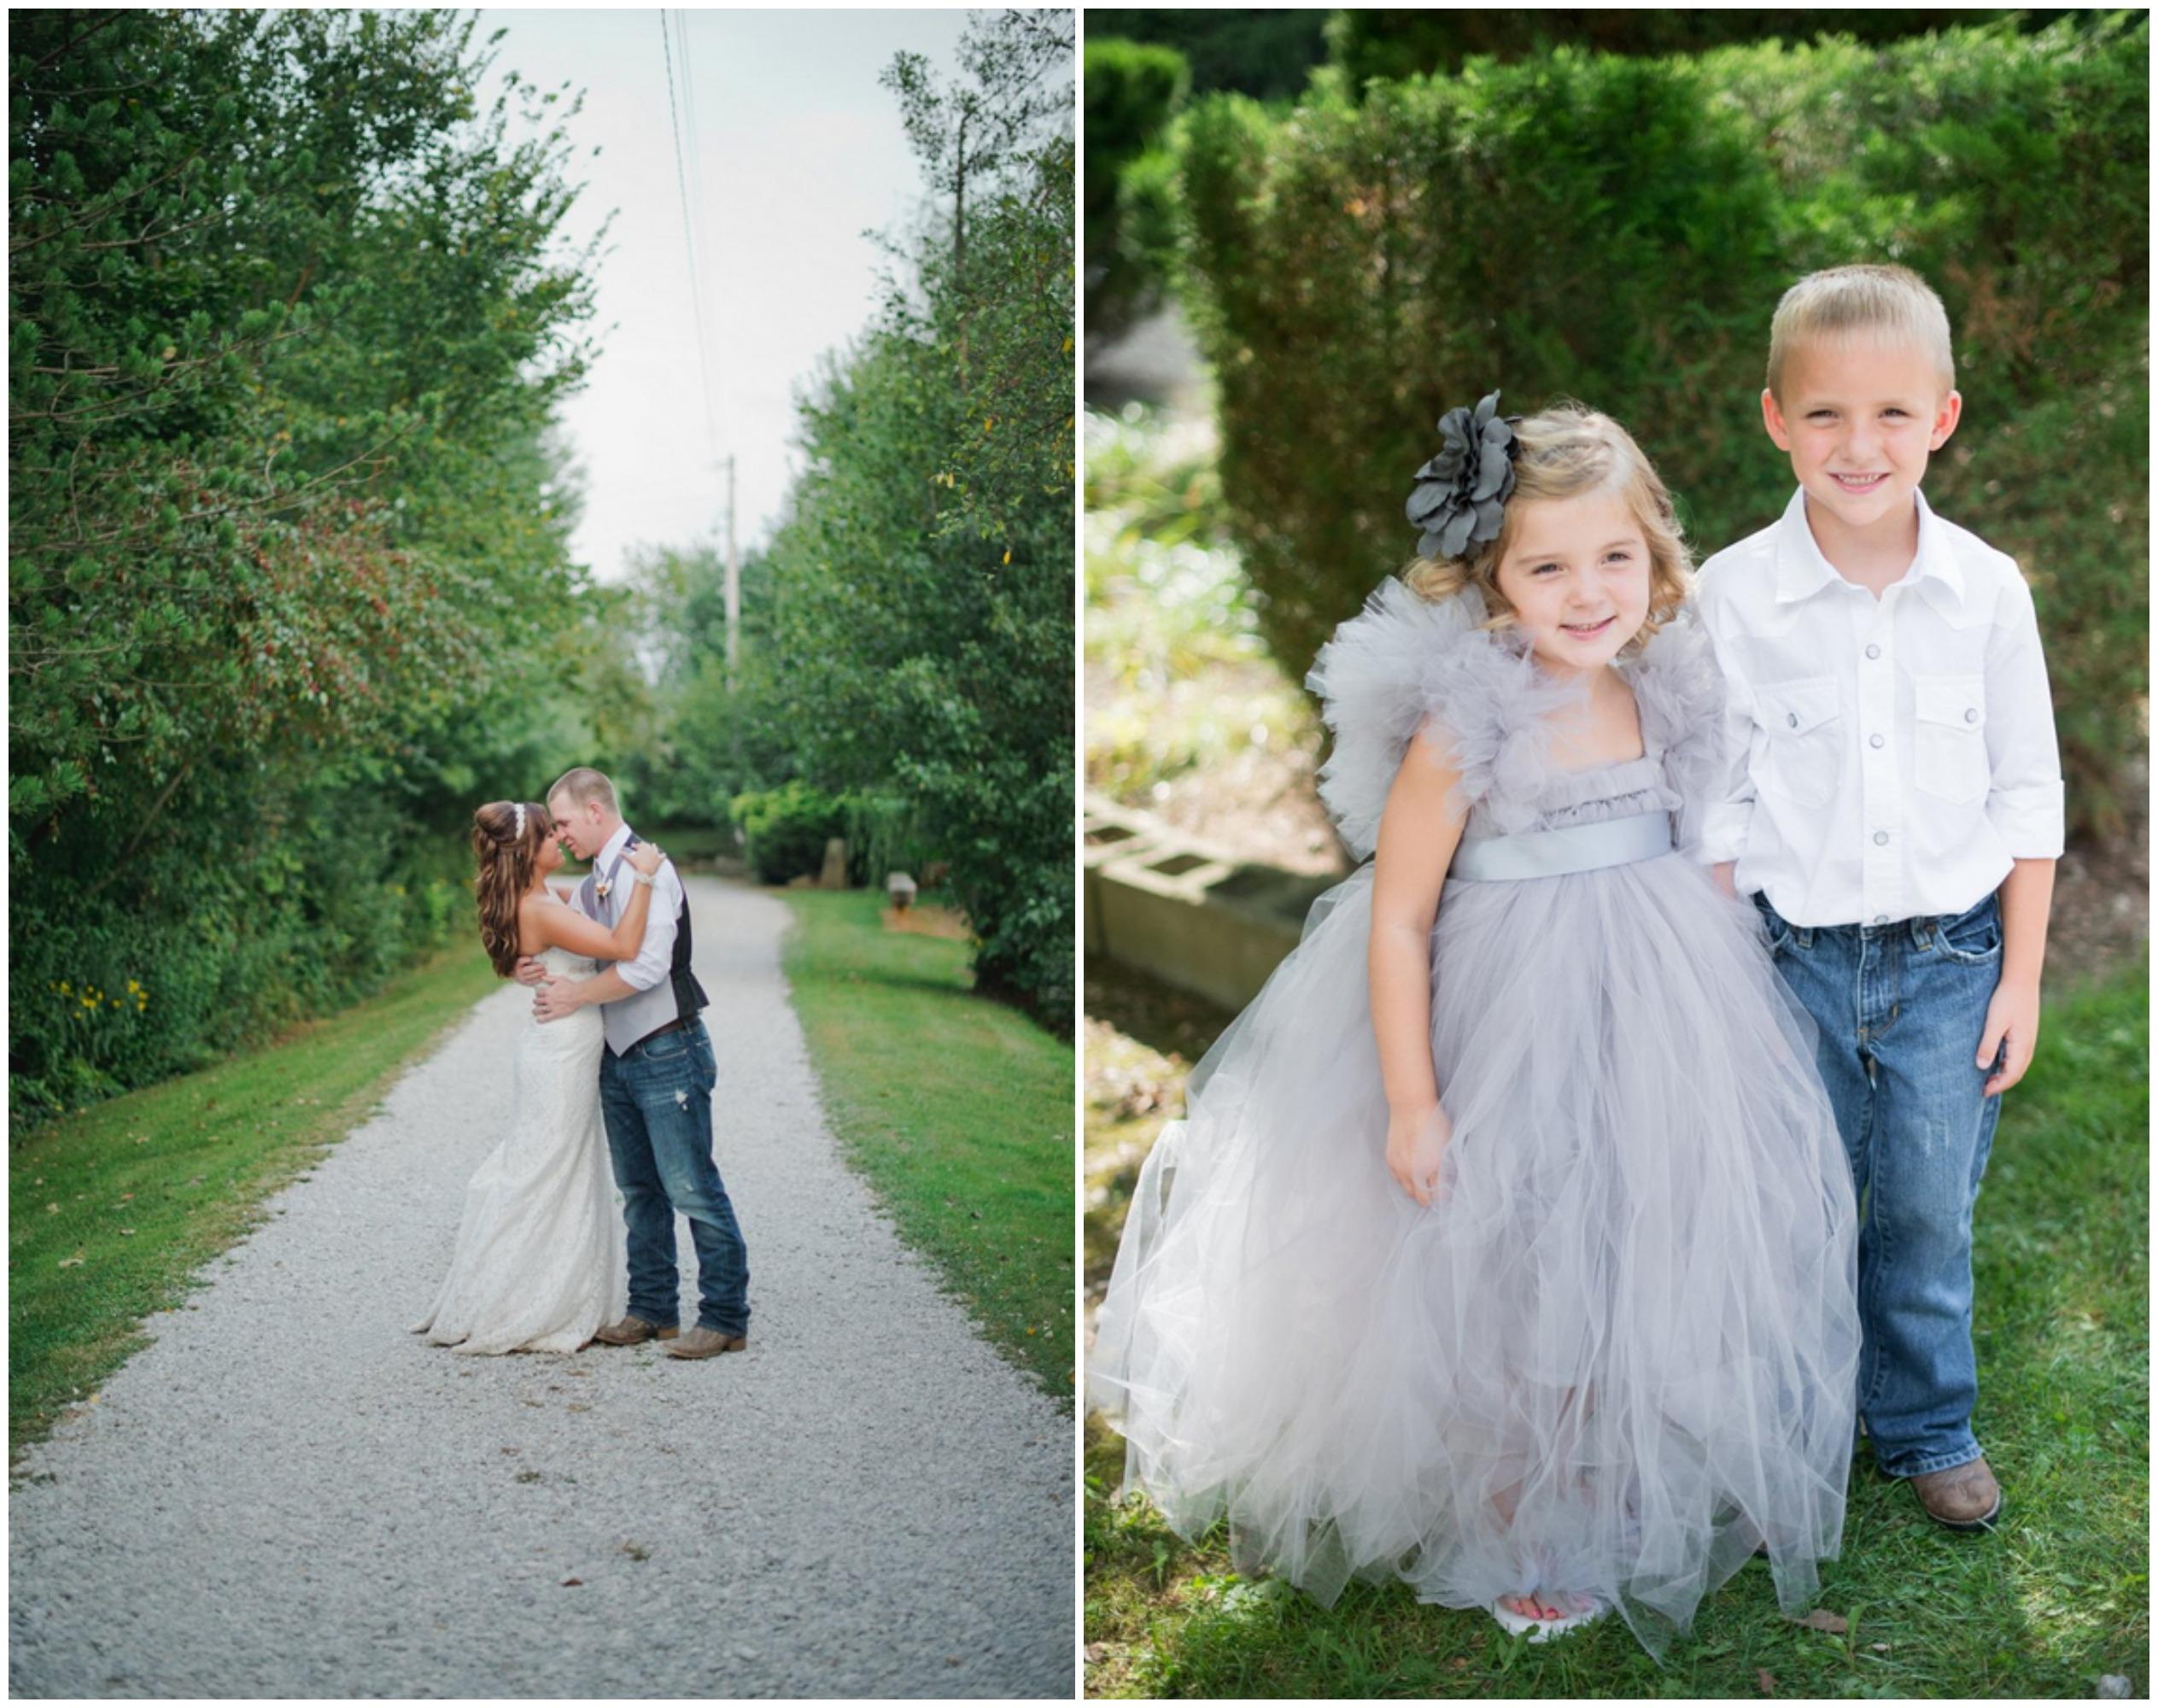 Flower girl dresses for outdoor wedding bridesmaid dresses for Country girl wedding dress